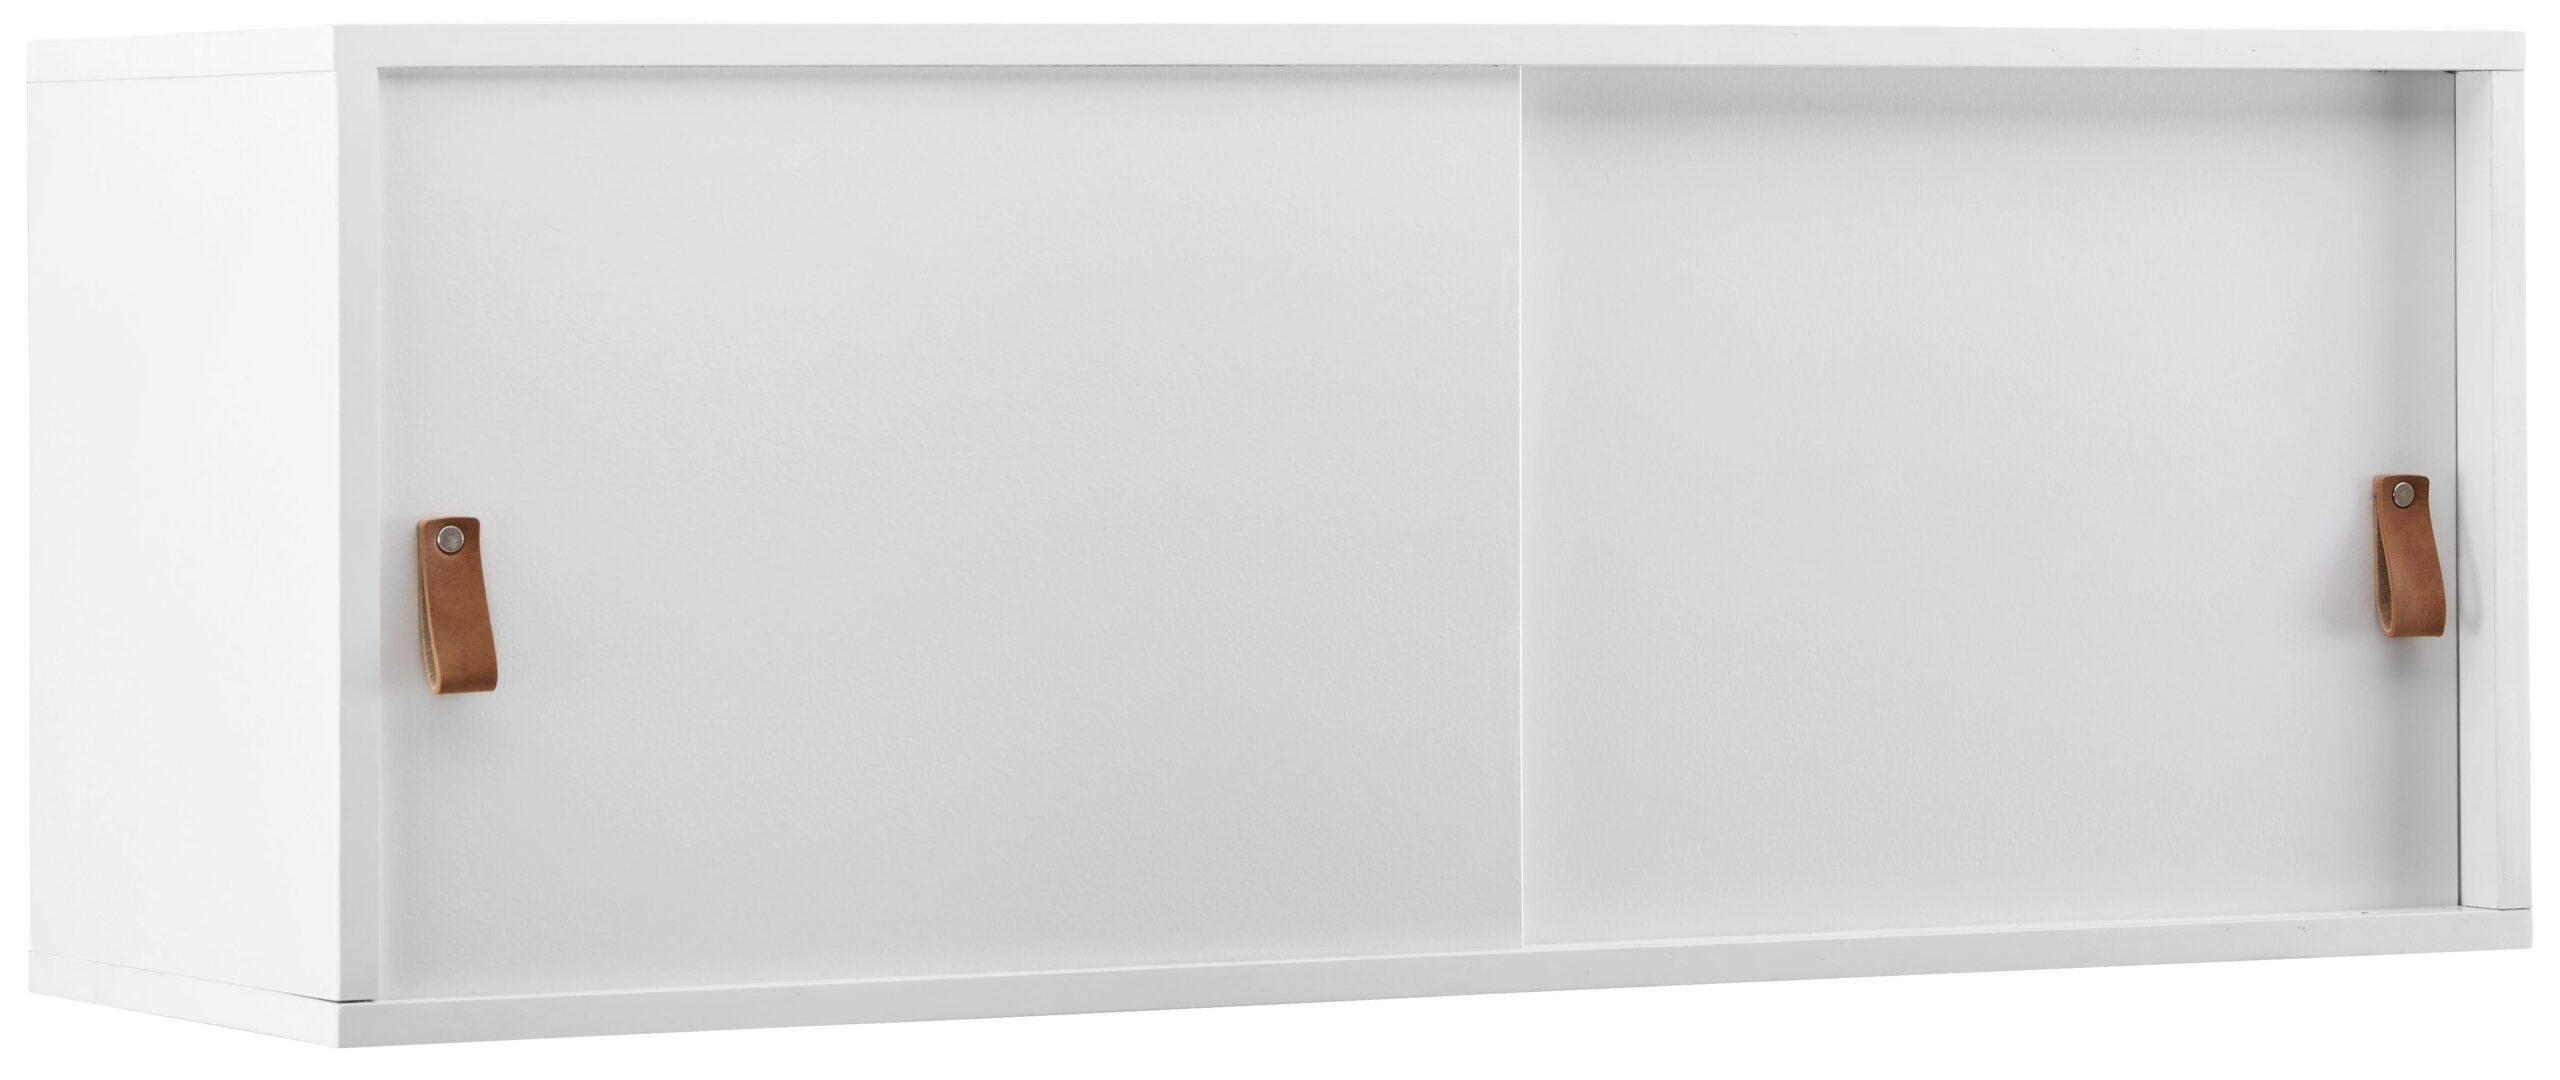 Full Size of Regal 20 Cm Tief Regale Wohnzimmer Produkte Mmax Metall Bett 120 Breit Küchen Weiß 90x200 Betten Ikea 160x200 Massivholz Schäfer Schmales Küche Landhaus Regal Regal 20 Cm Tief